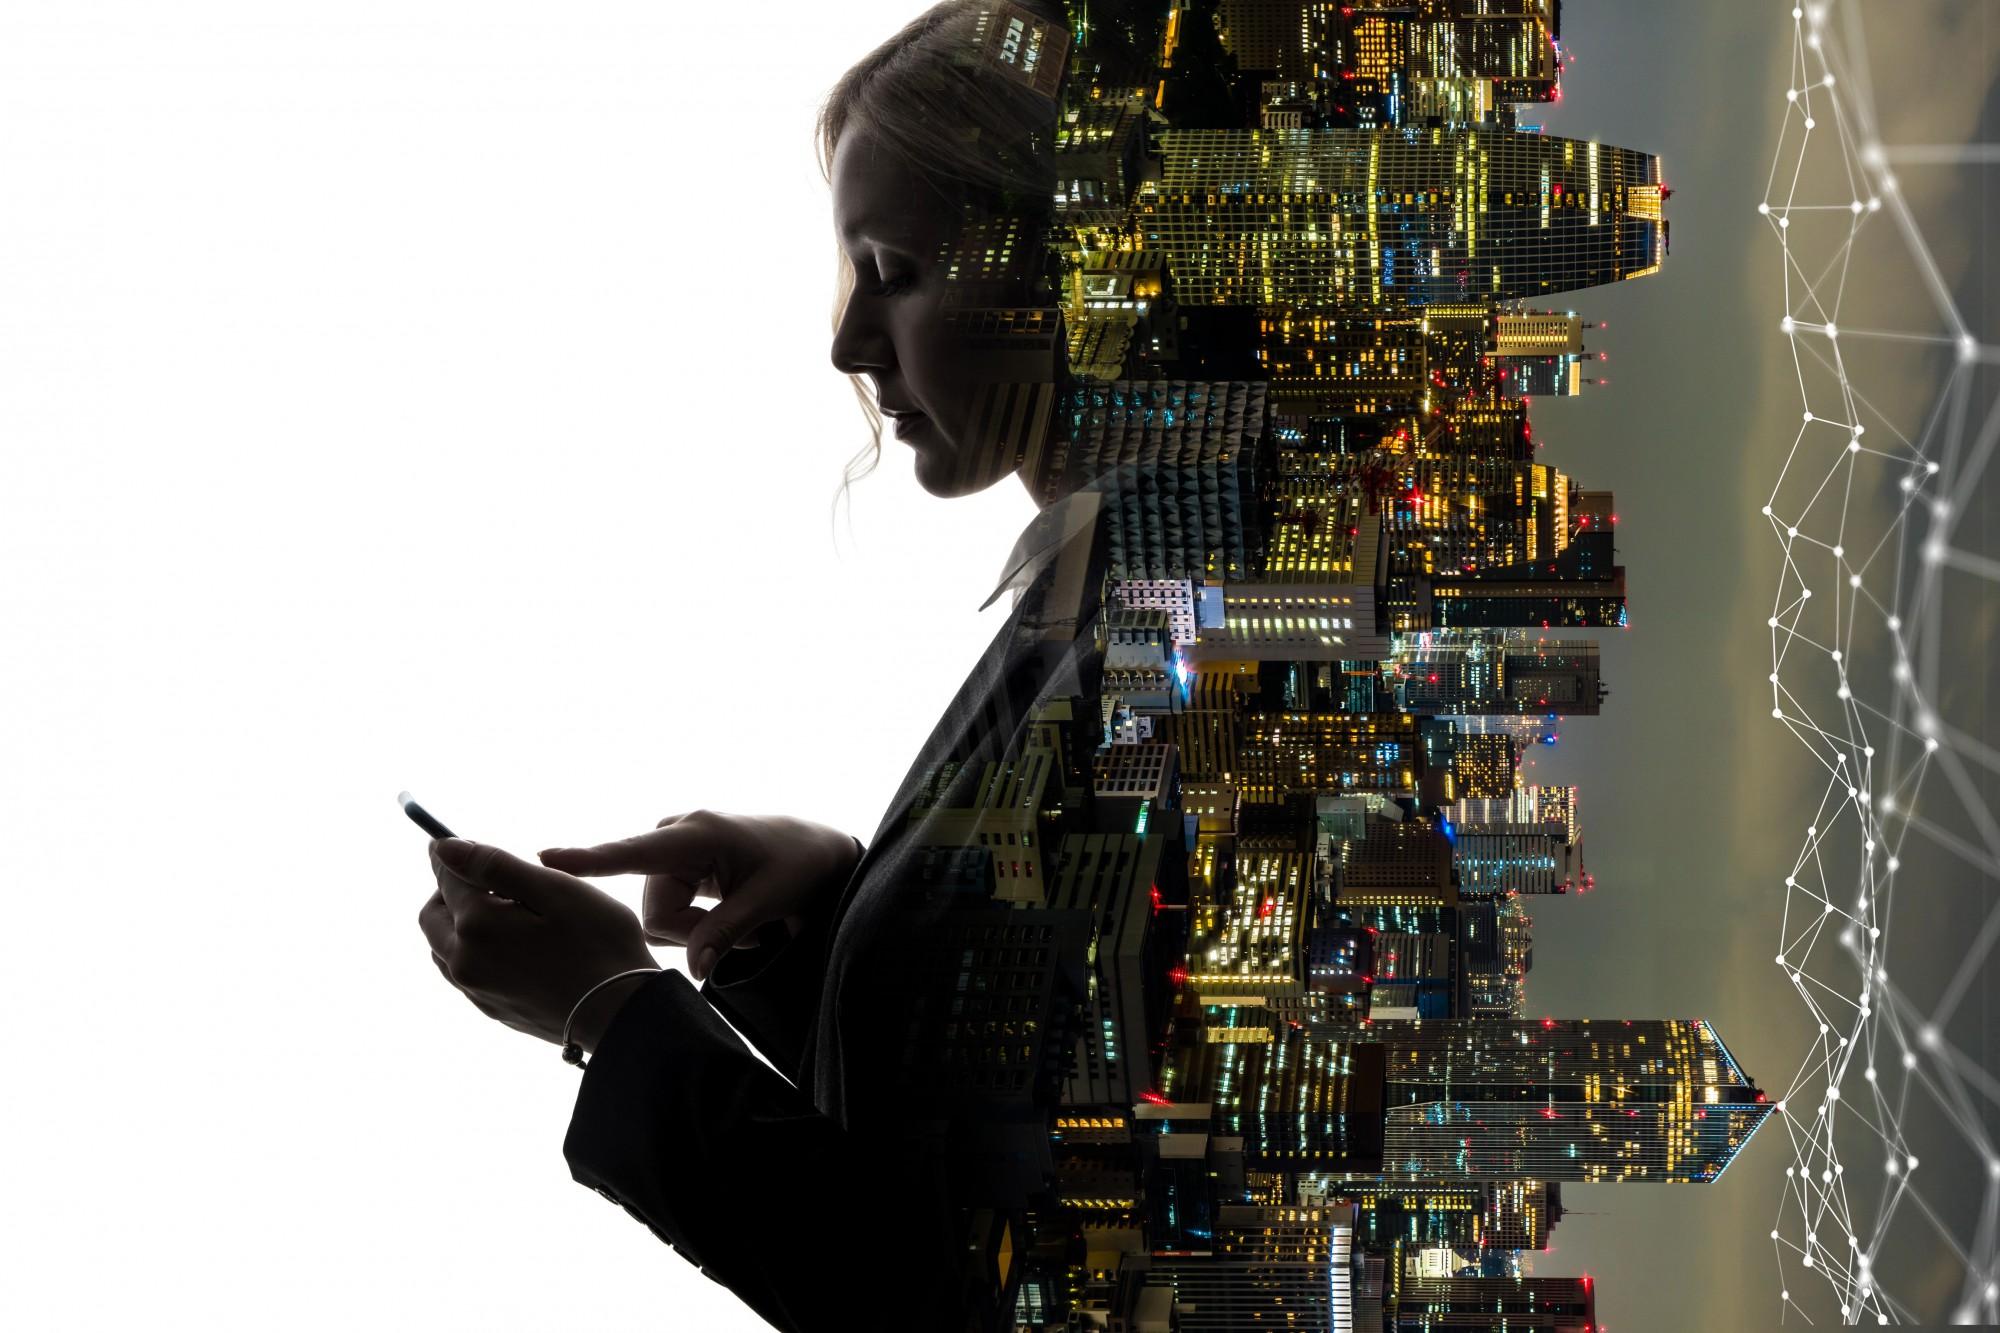 Il ruolo delle Telco nell'Industria 4.0 – Il caso TIM: 5G e Smart Cities